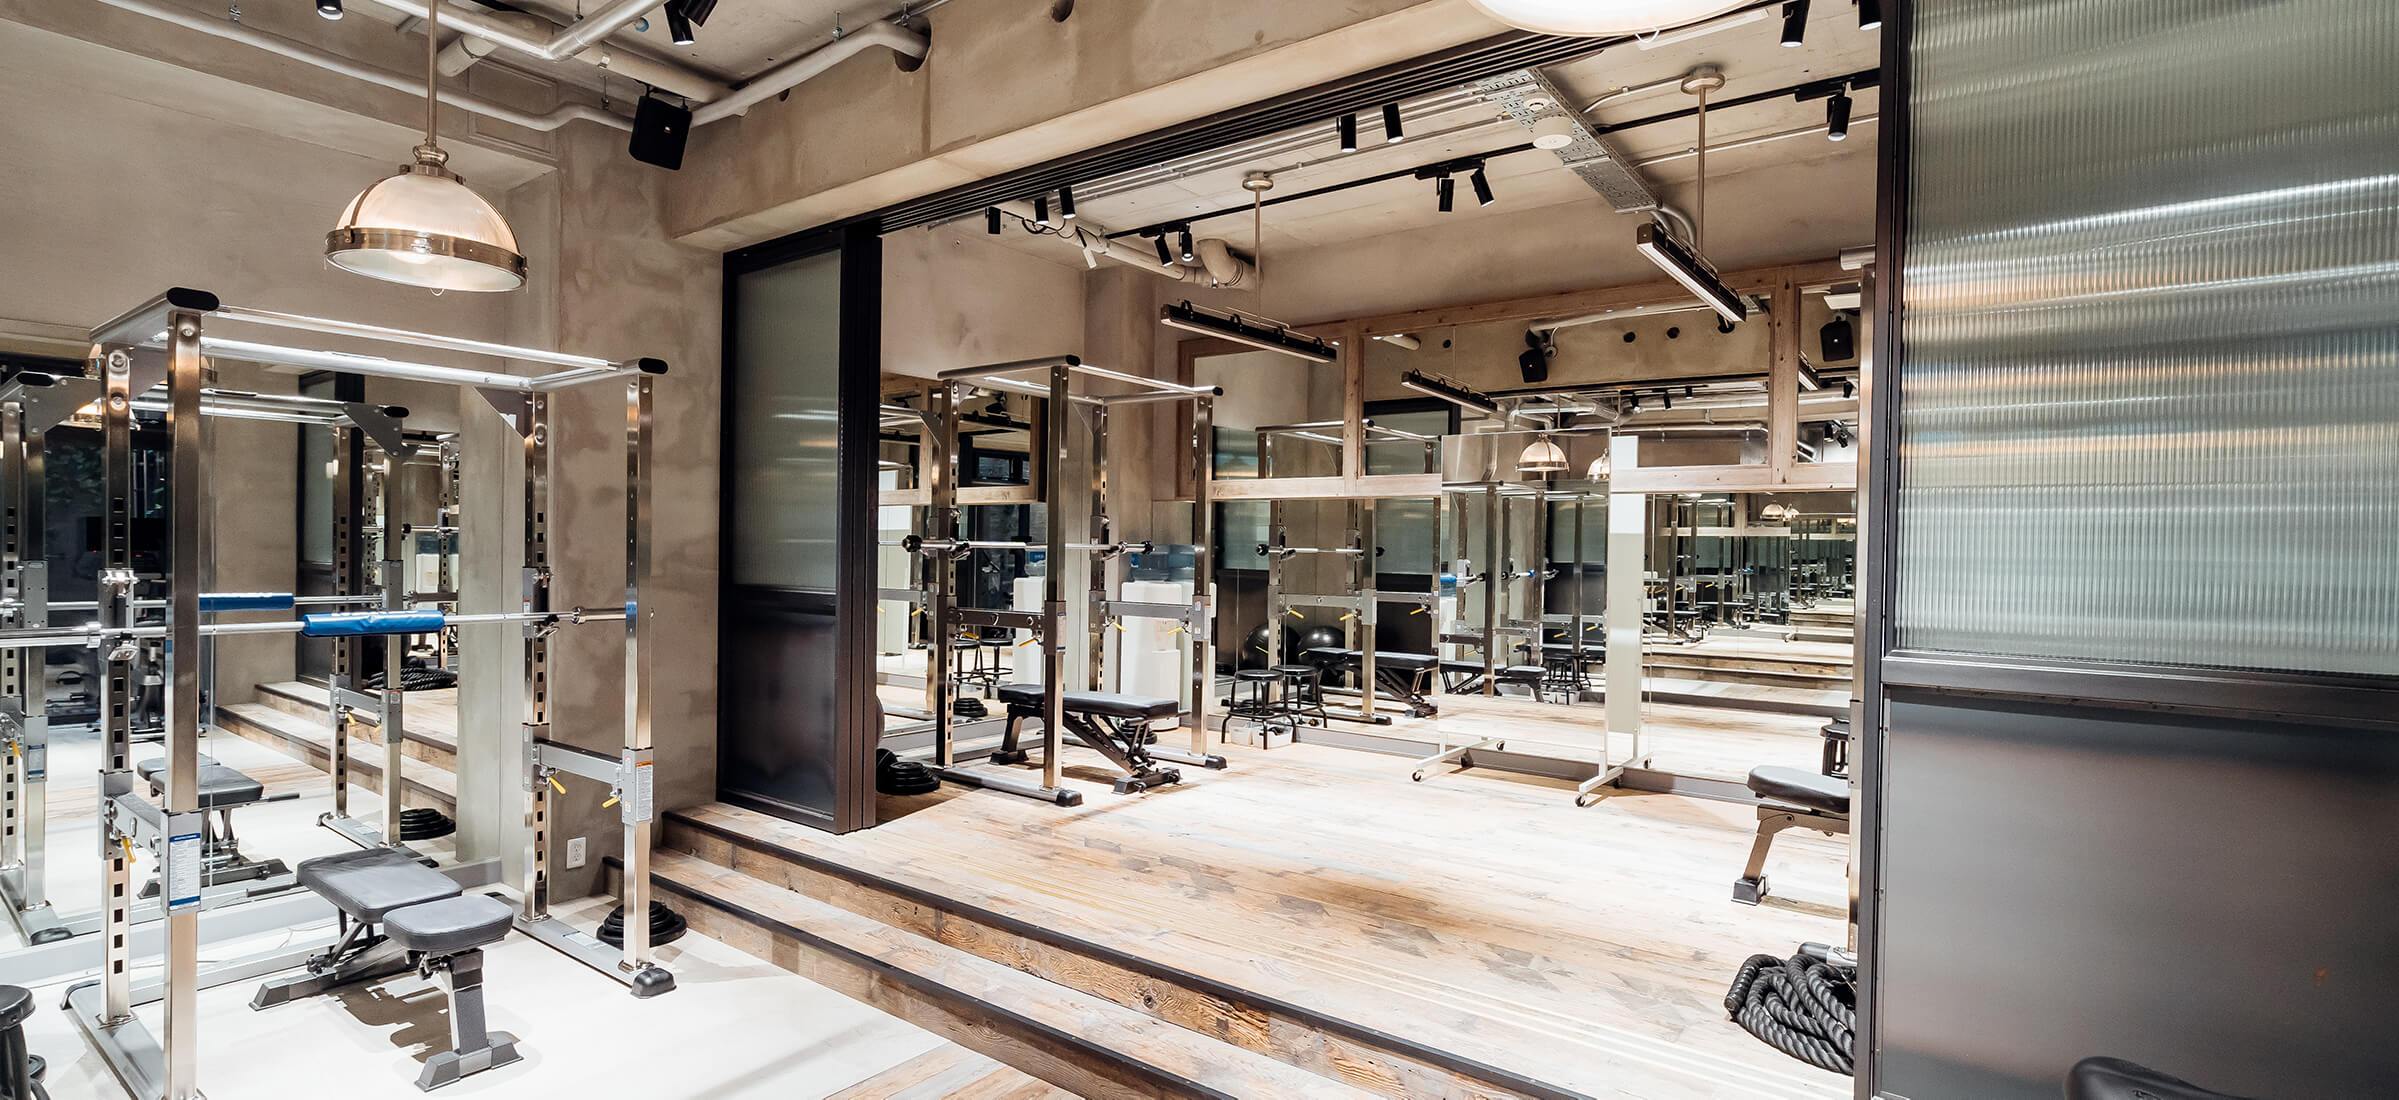 UNDEUX恵比寿スタジオのトレーニングスペース